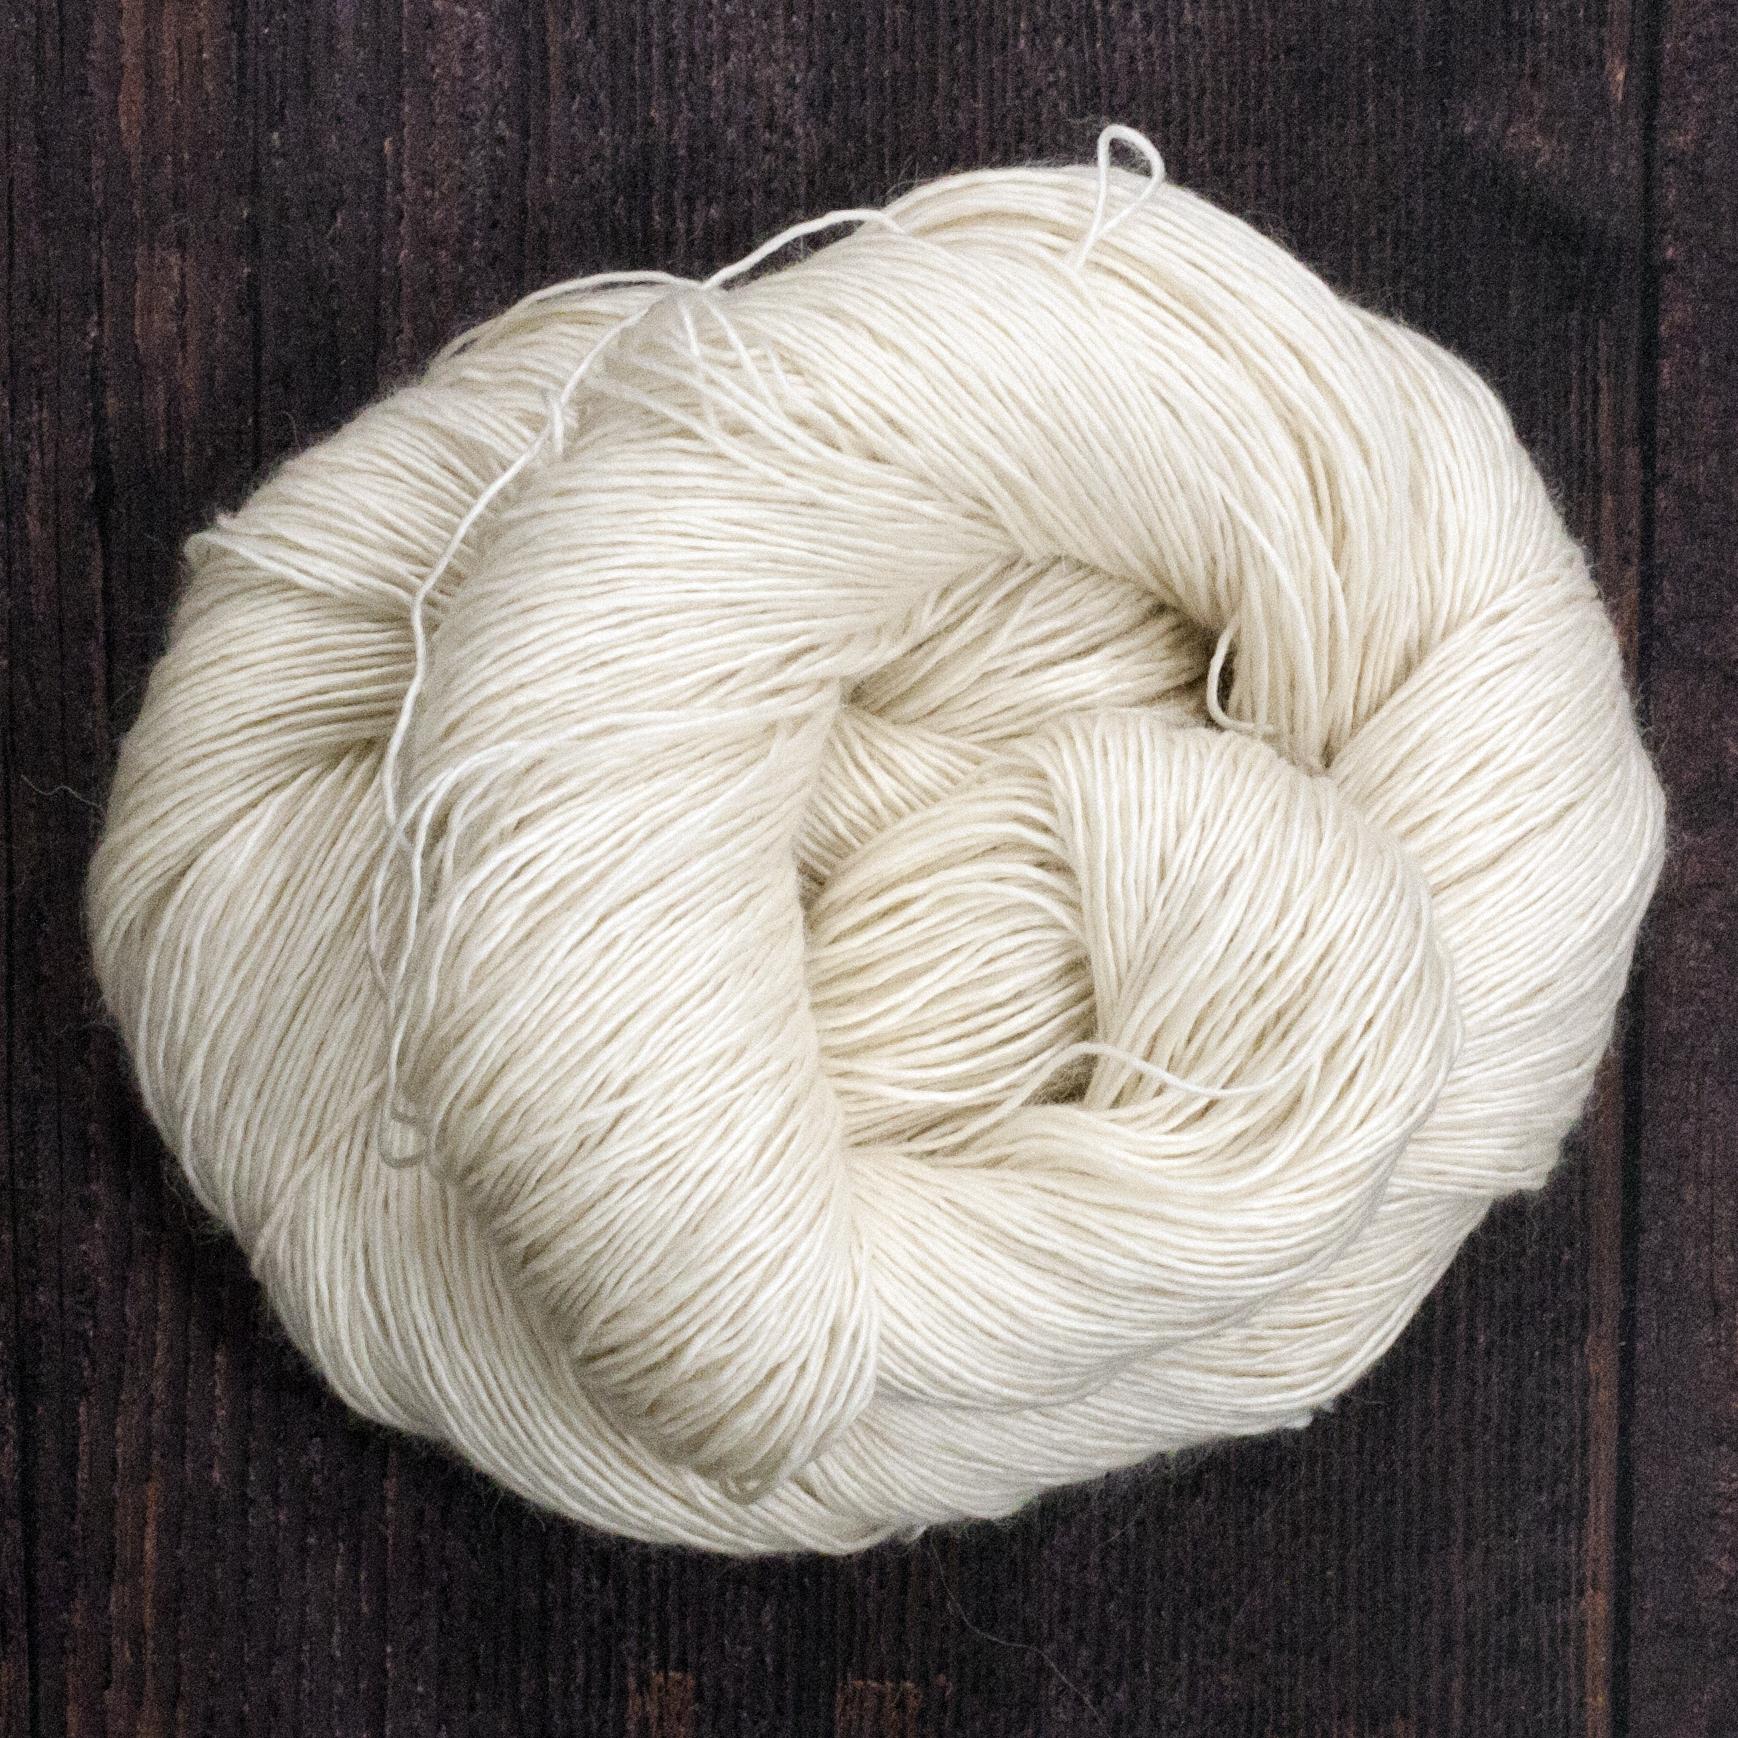 Type 49112  Arequipa Singles 4ply  60% Superwash Merino Wool 20% Baby Alpaca  20% Silk Singles  115g hanks 460m per 115g (400m per 100g) 1/4nm